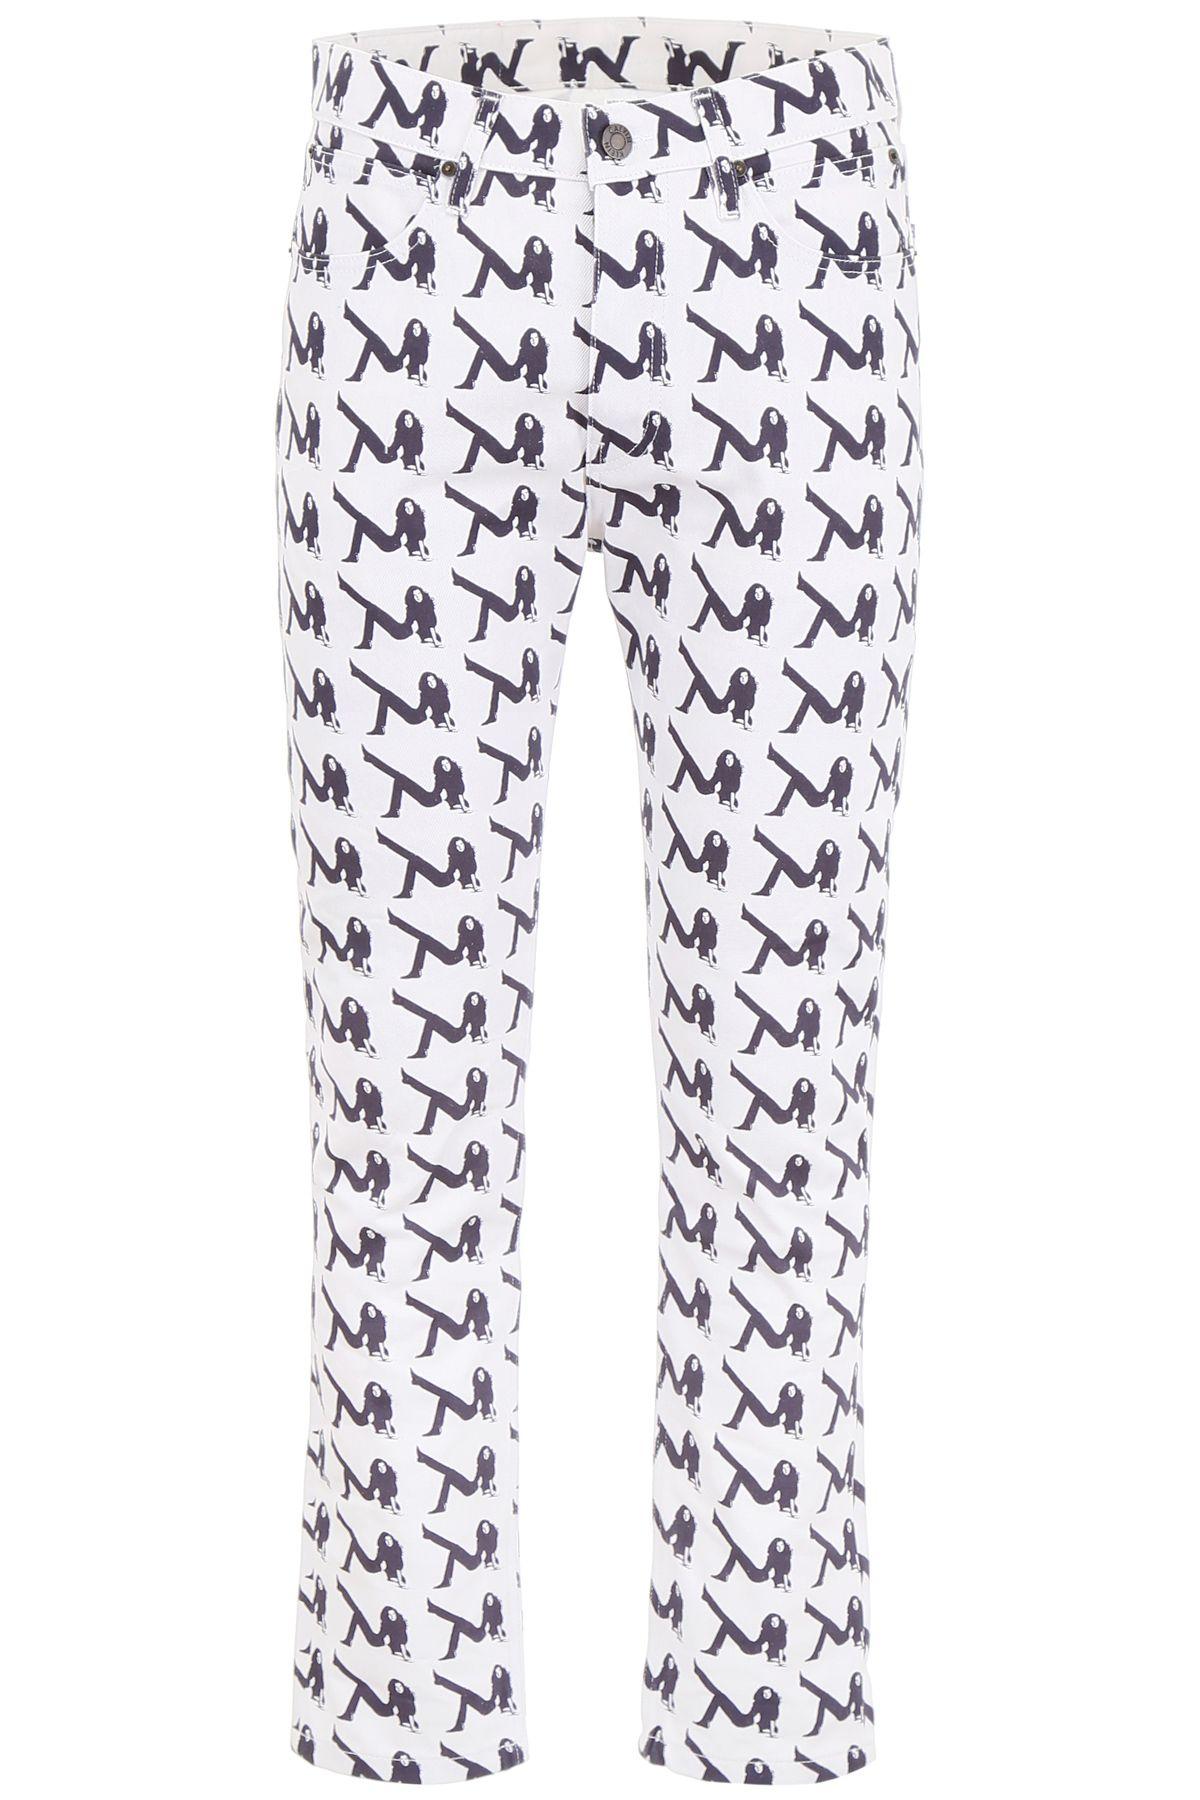 Calvin Klein Richard Avedon Jeans